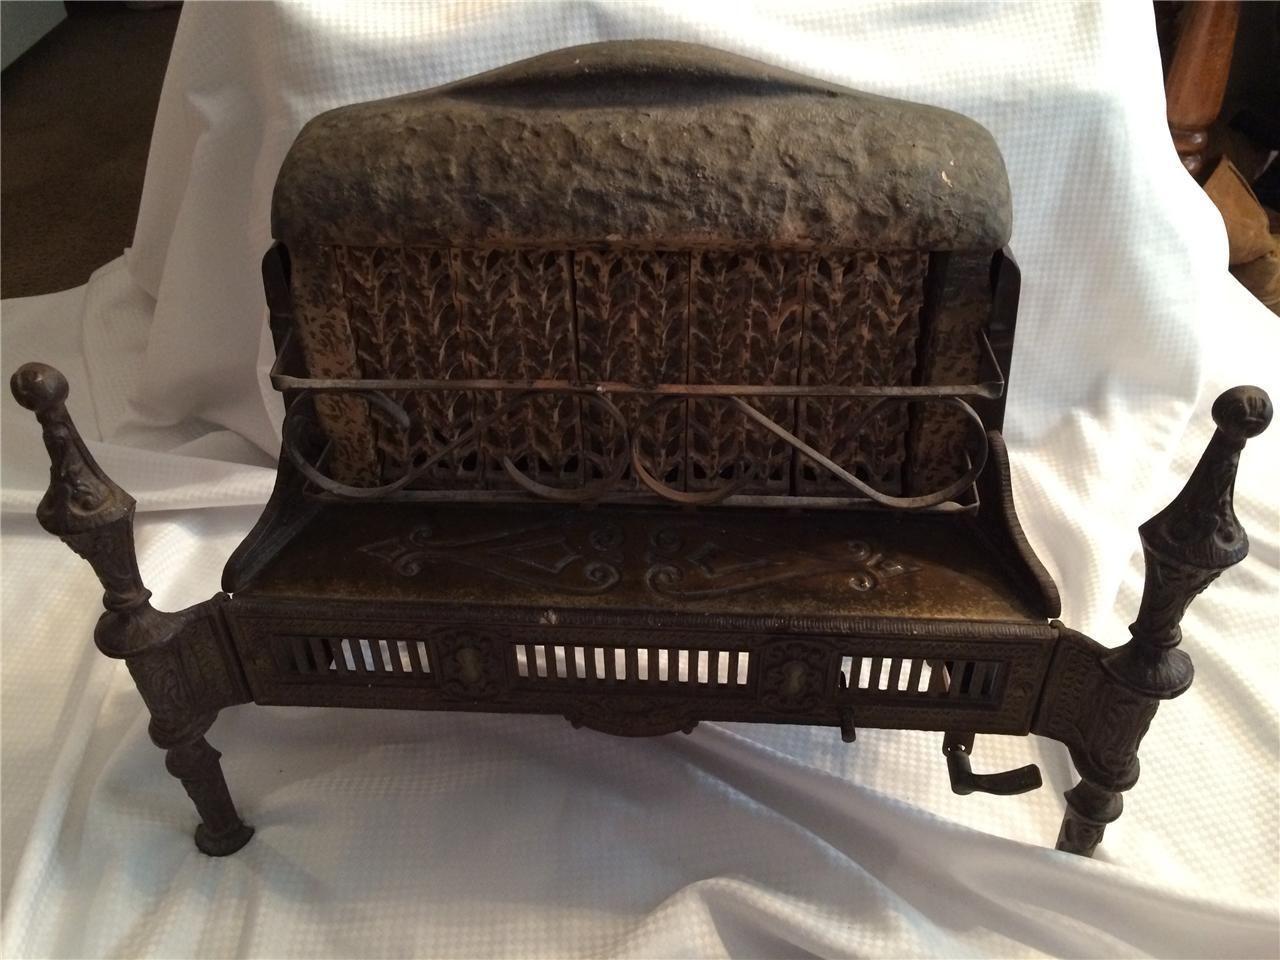 Rare Working Antique Victorian Reznor Ceramic Gas Cabin Heater Stove Oven No 225